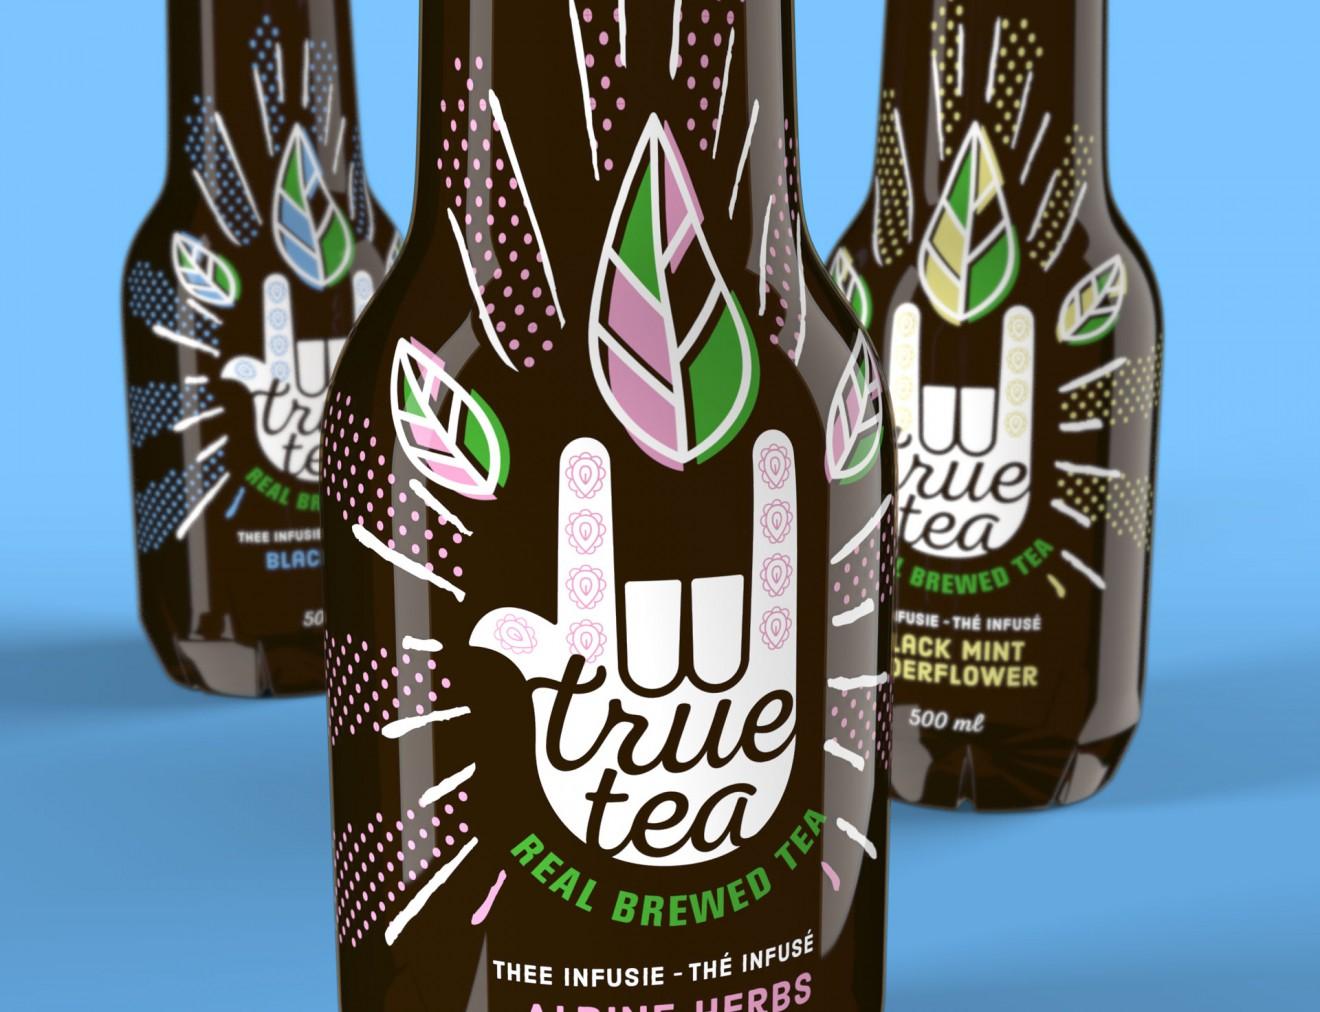 Quatre Mains package design - true tea, delhaize, hand, design